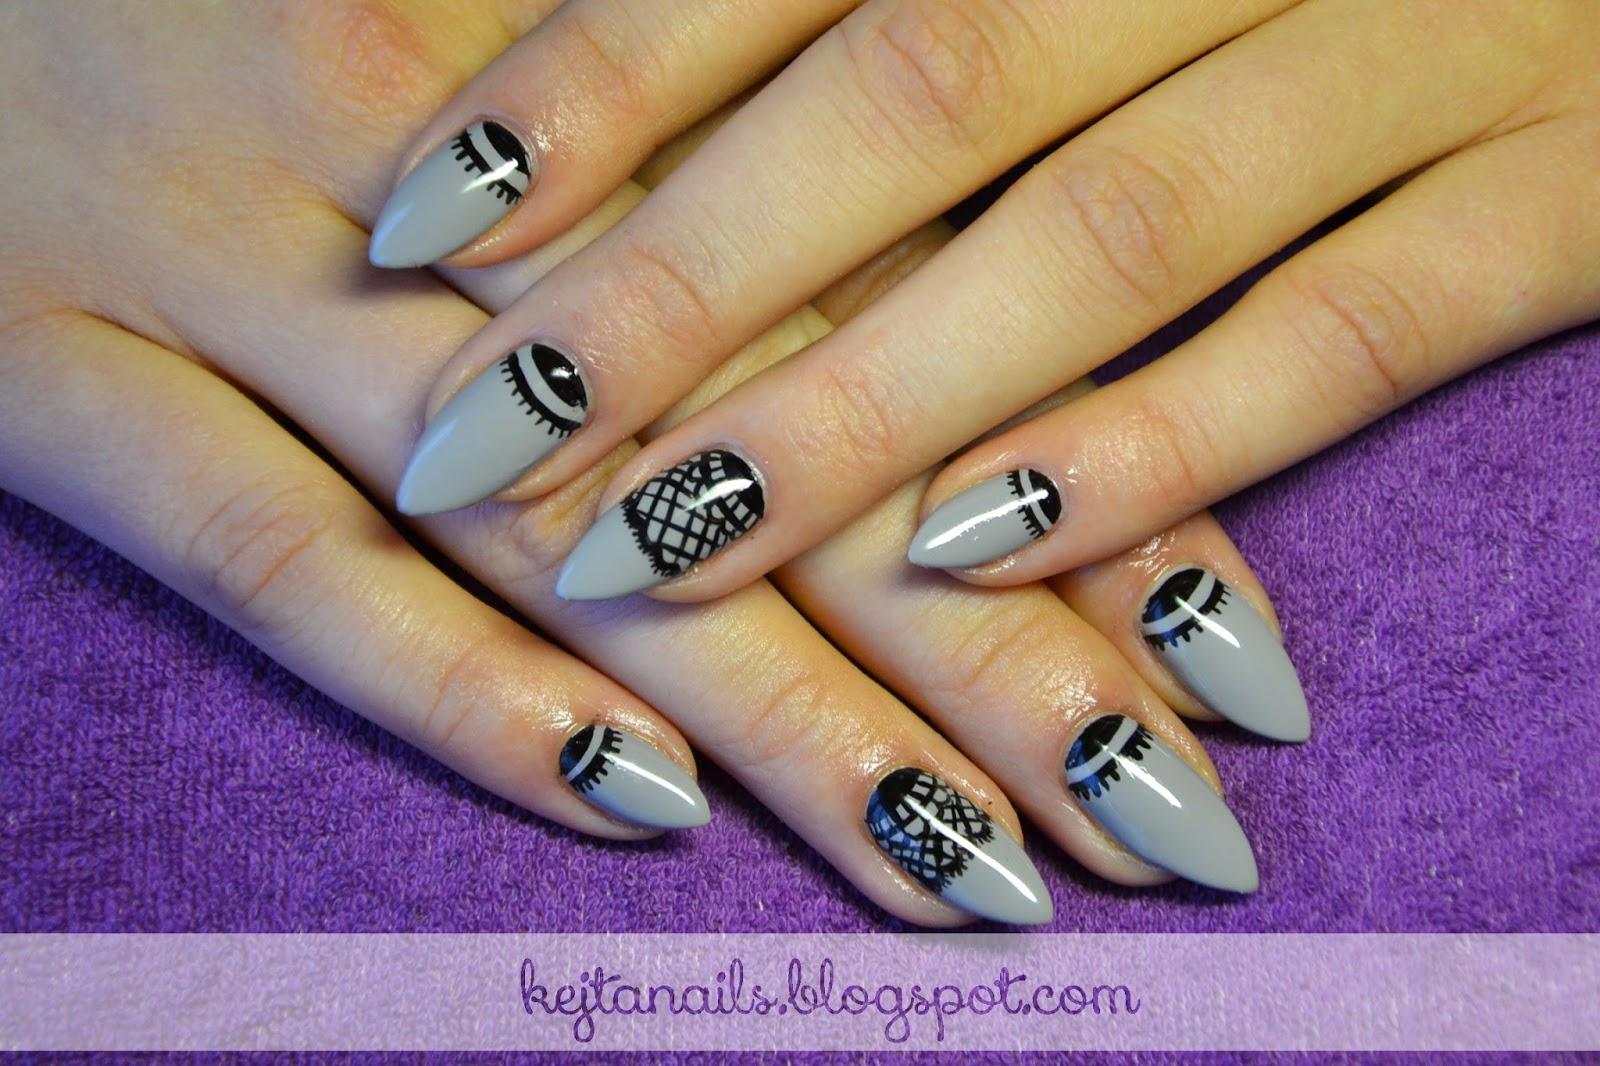 Kejta Nails: sierpnia 2014